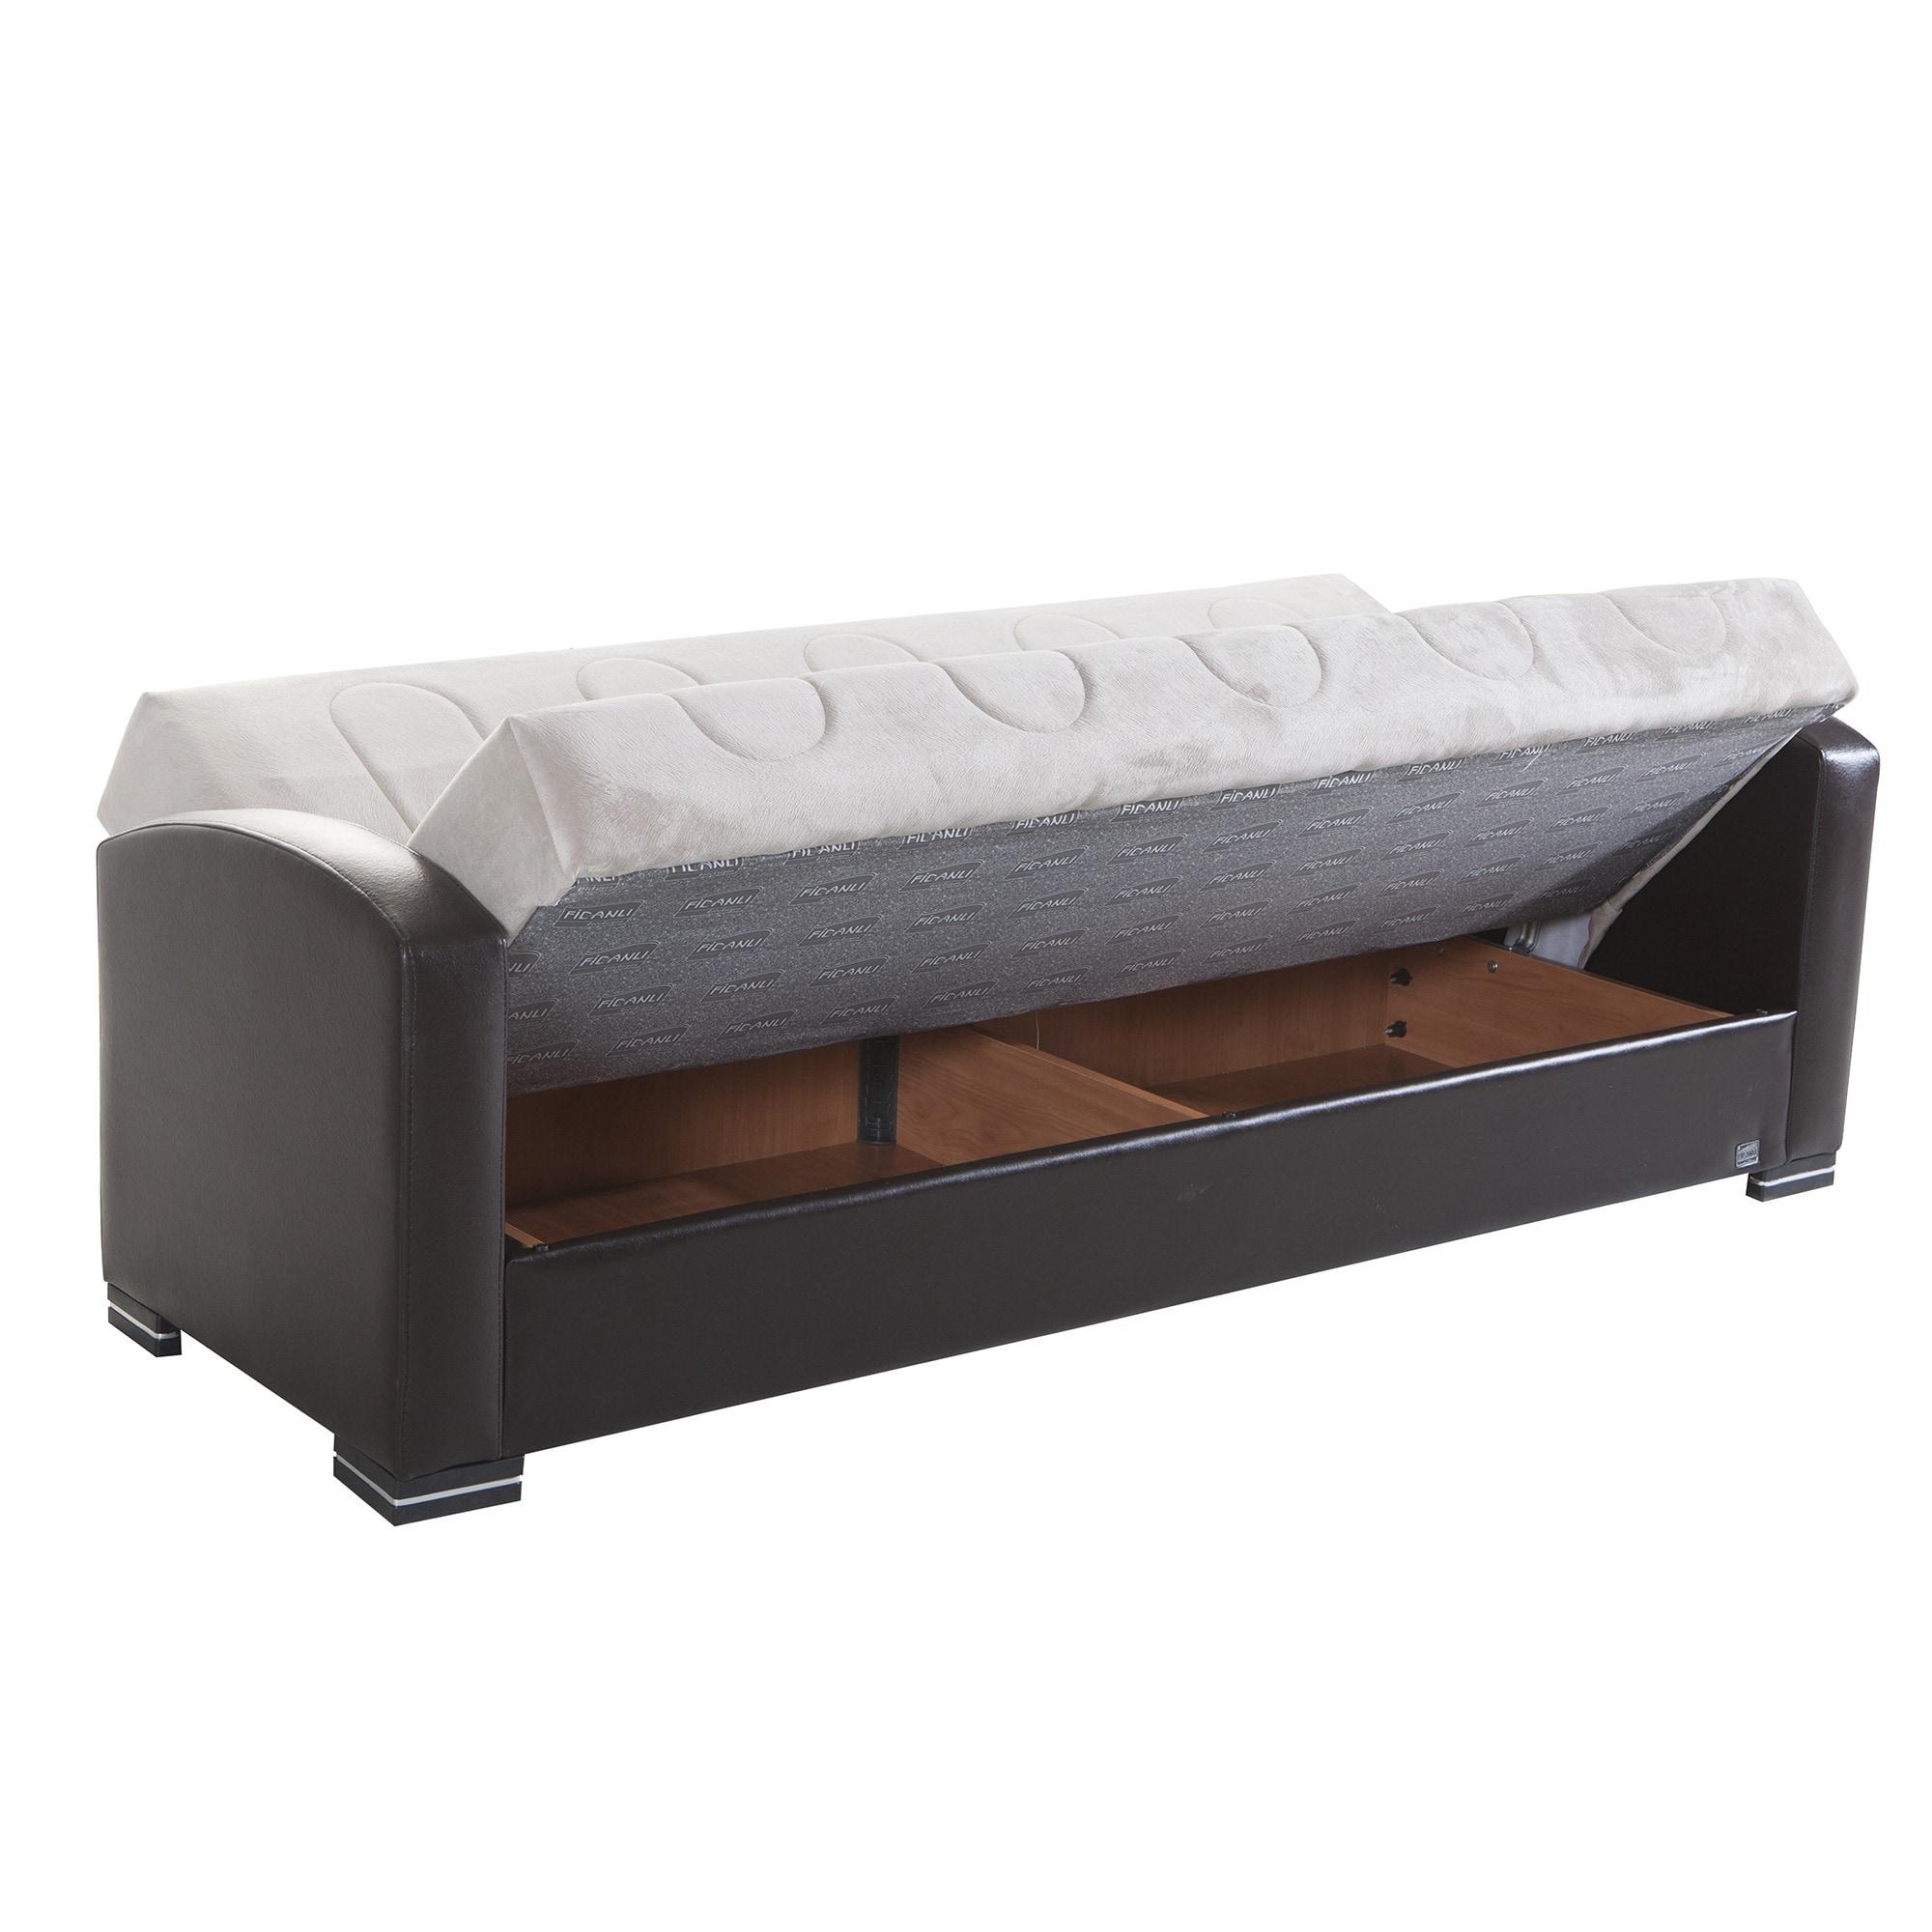 Convertible Futon Sofa Bed